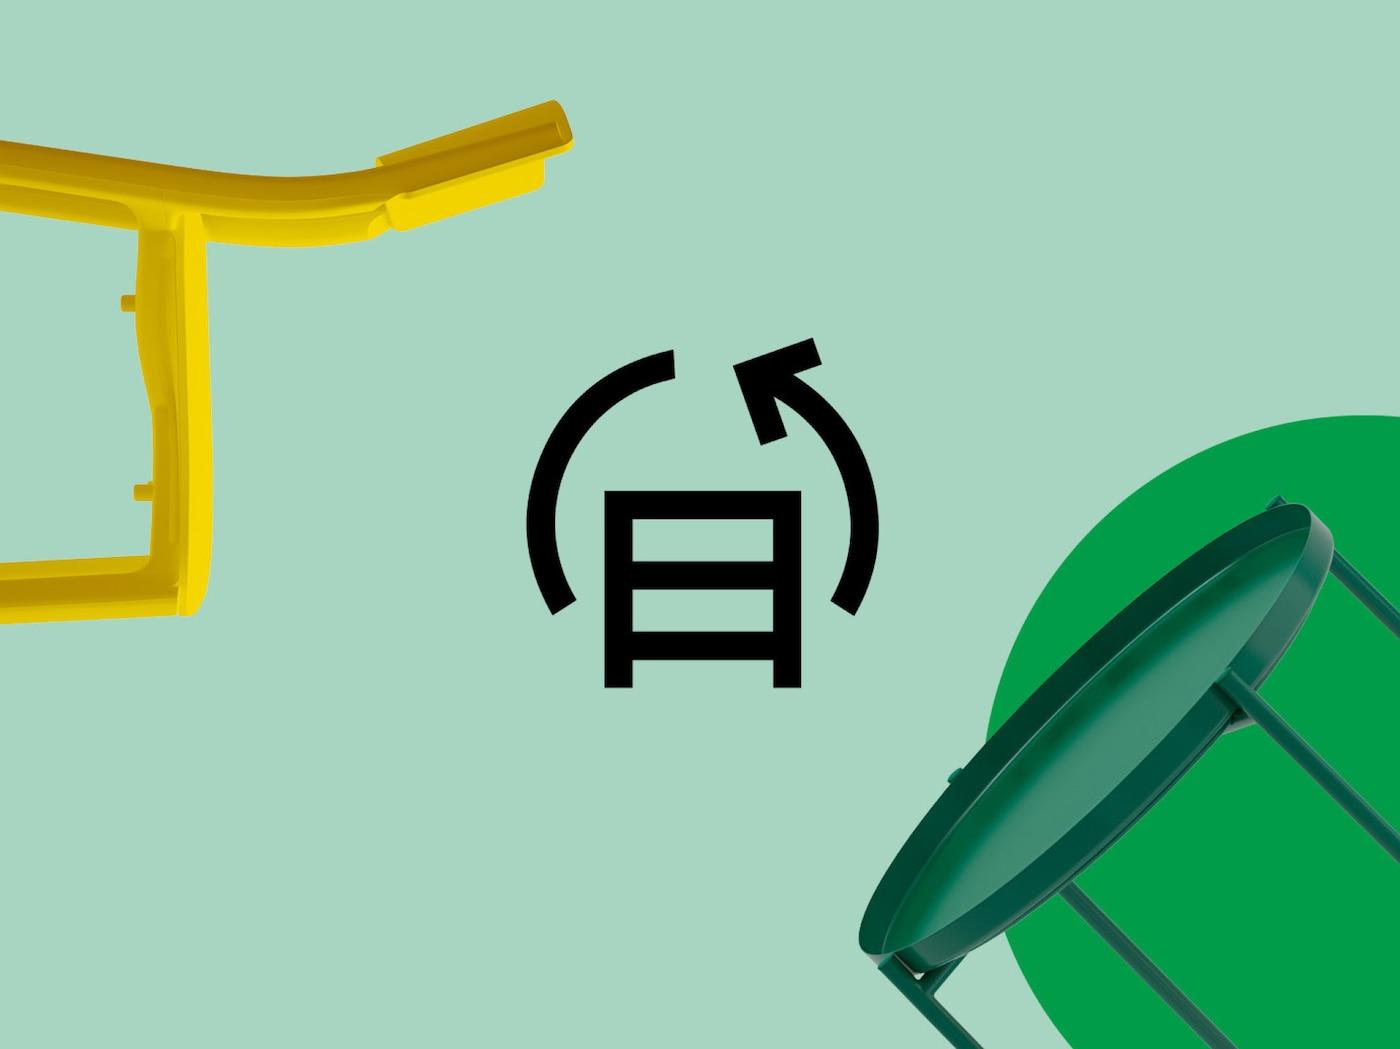 Möbelstücke schweben vor einem grünen Hintergrund. Das Symbol für den IKEA Rück- und Wiederverkaufservice befindet sich in der Mitte.